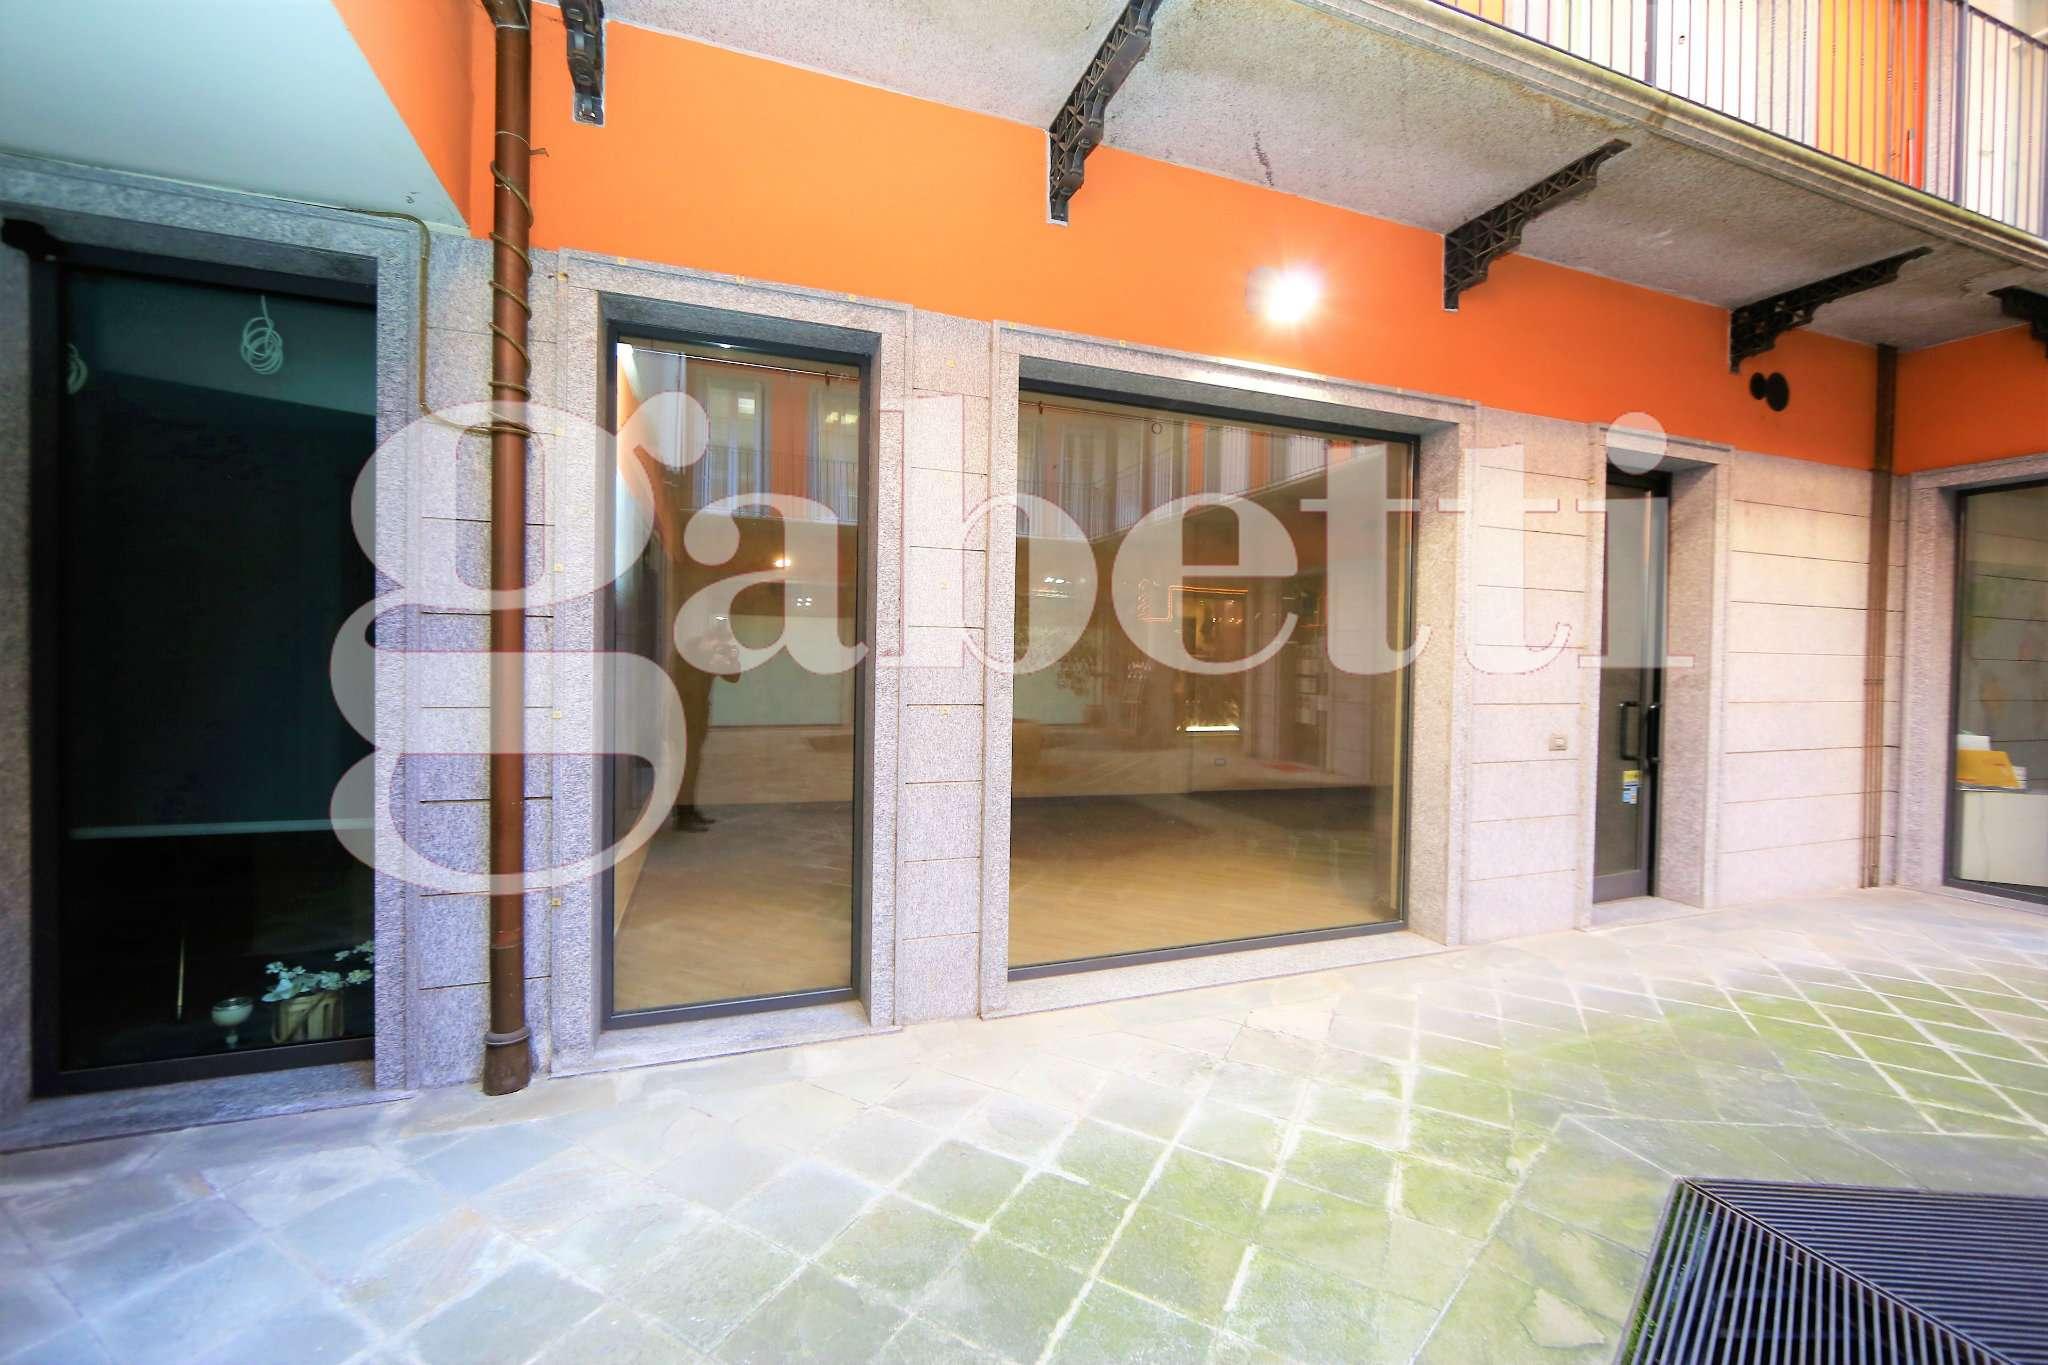 Ufficio / Studio in affitto a Gallarate, 1 locali, prezzo € 690 | CambioCasa.it